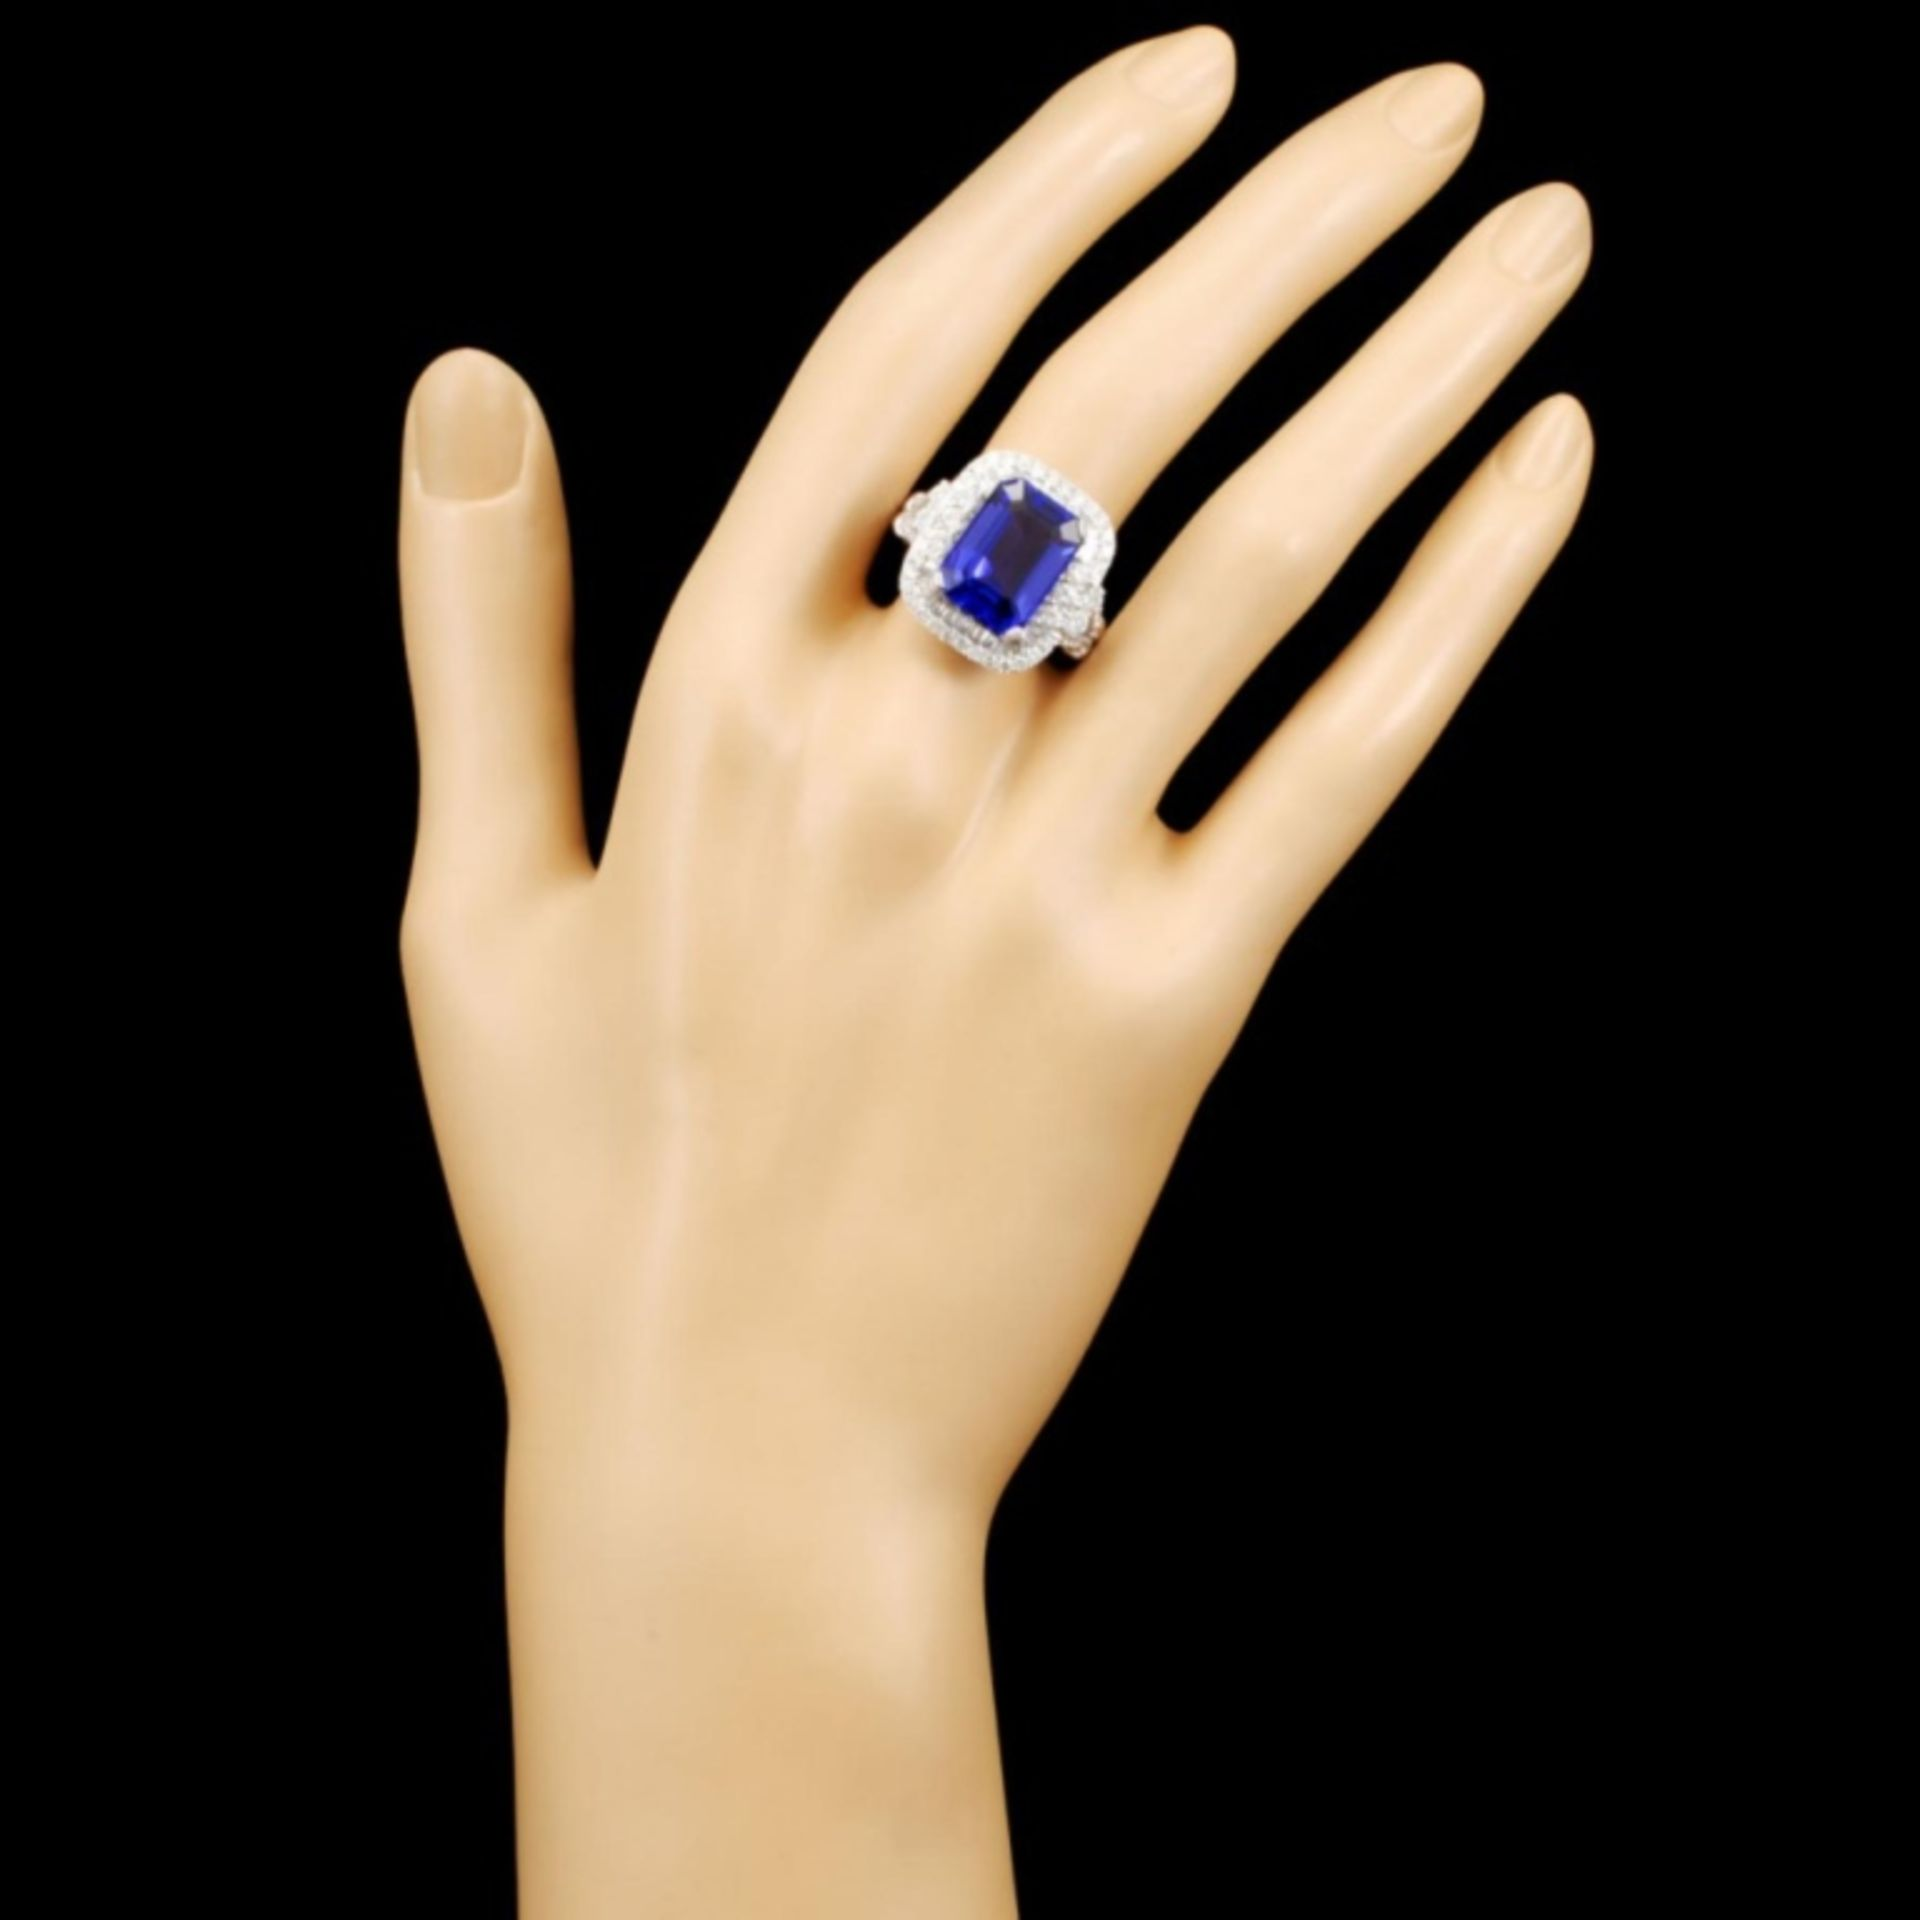 18K Gold 8.12ct Tanzanite & 1.58ctw Diamond Ring - Image 4 of 5